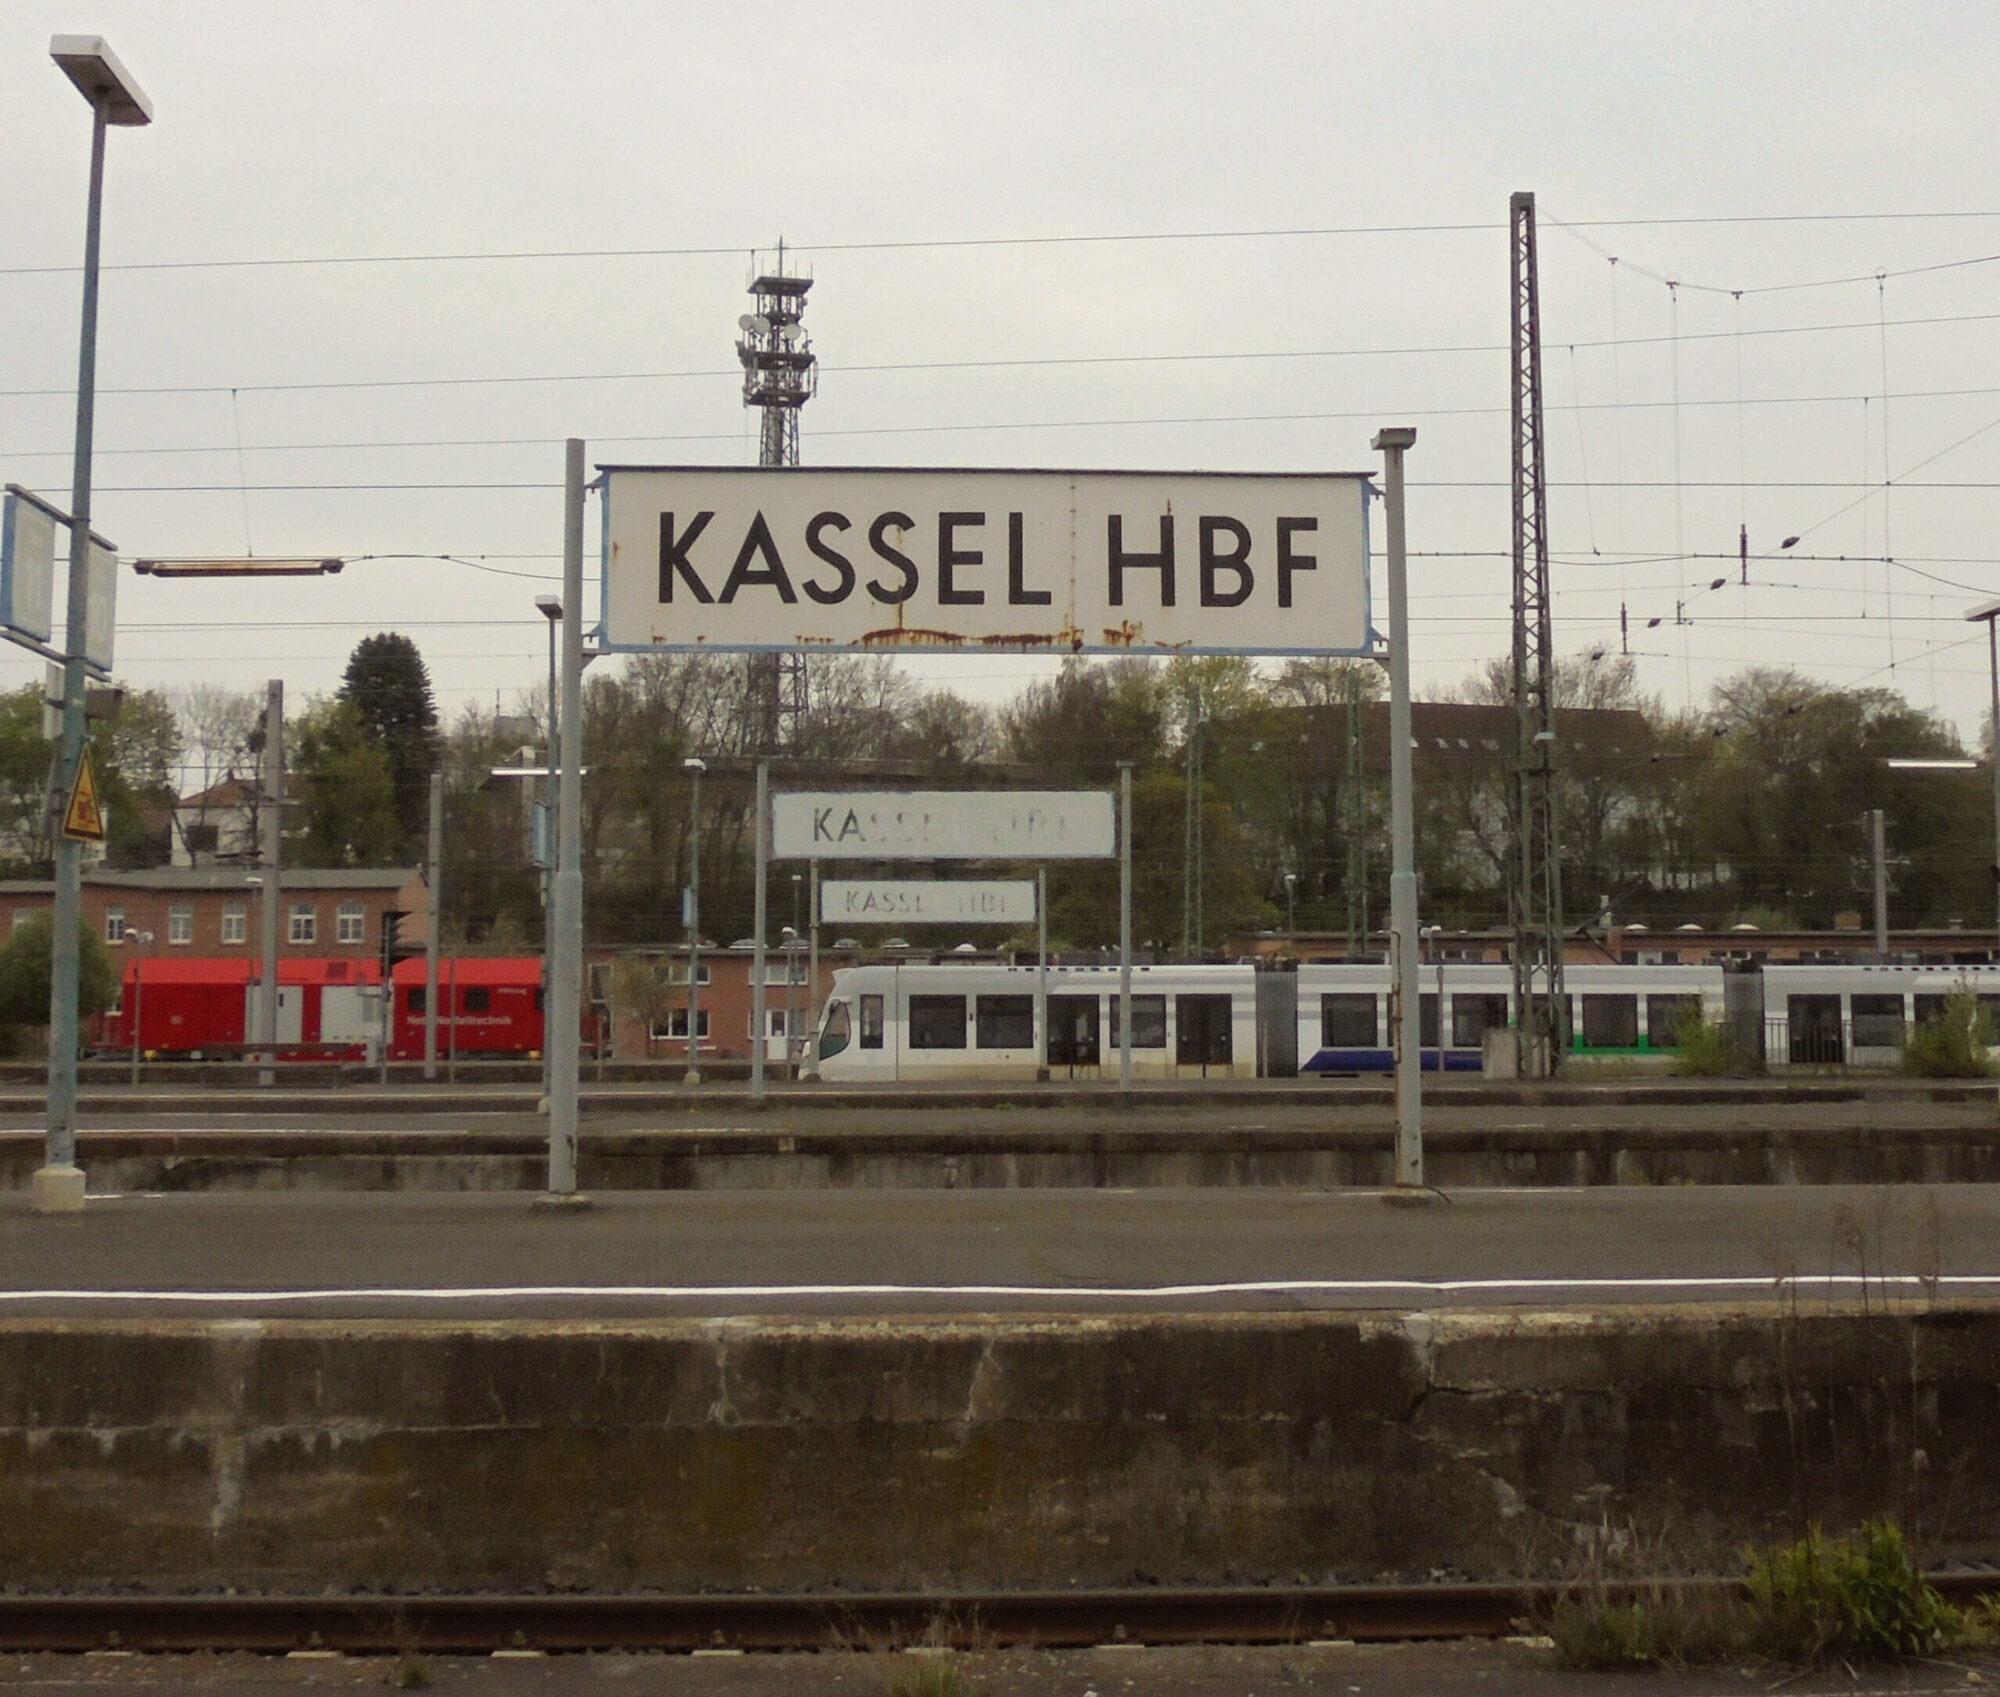 Ruangrupa ruft: Ab nach Kassel! Die documenta fifteen rückt näher. Foto: Christian Saehrendt